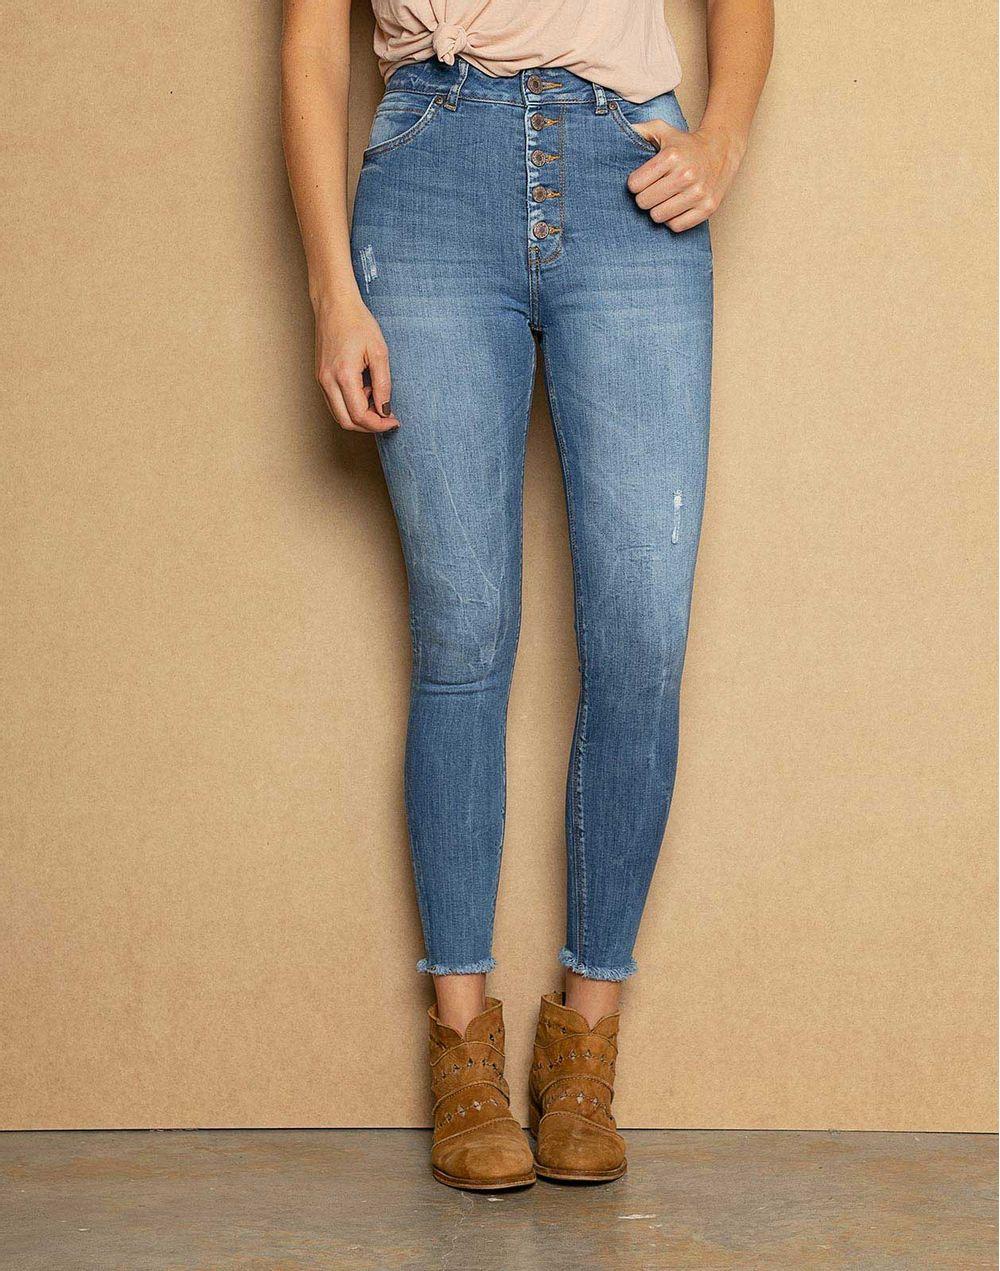 85c75a3f512 High Waist Skinny Jeans Ruedo Desflecado + Botones Externos Azul 14 ...